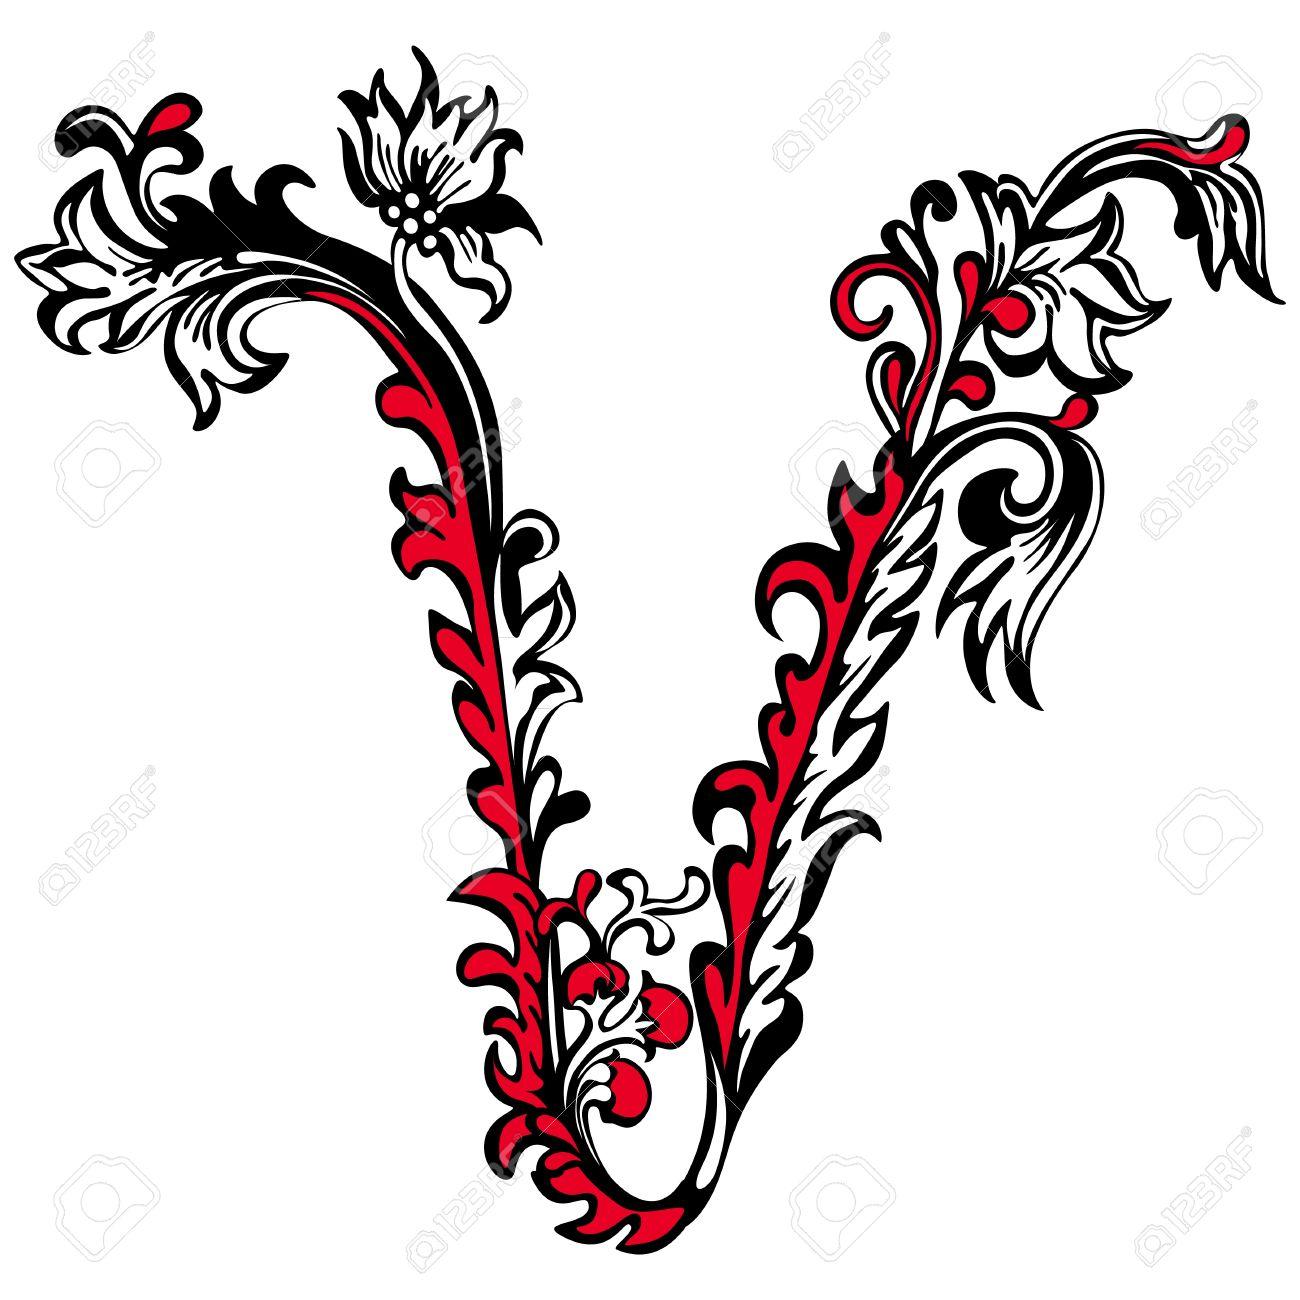 ��� ��� V , ��� ��� V ������ , ������ ����� 2016 letter V pictures new_1420781491_661.j